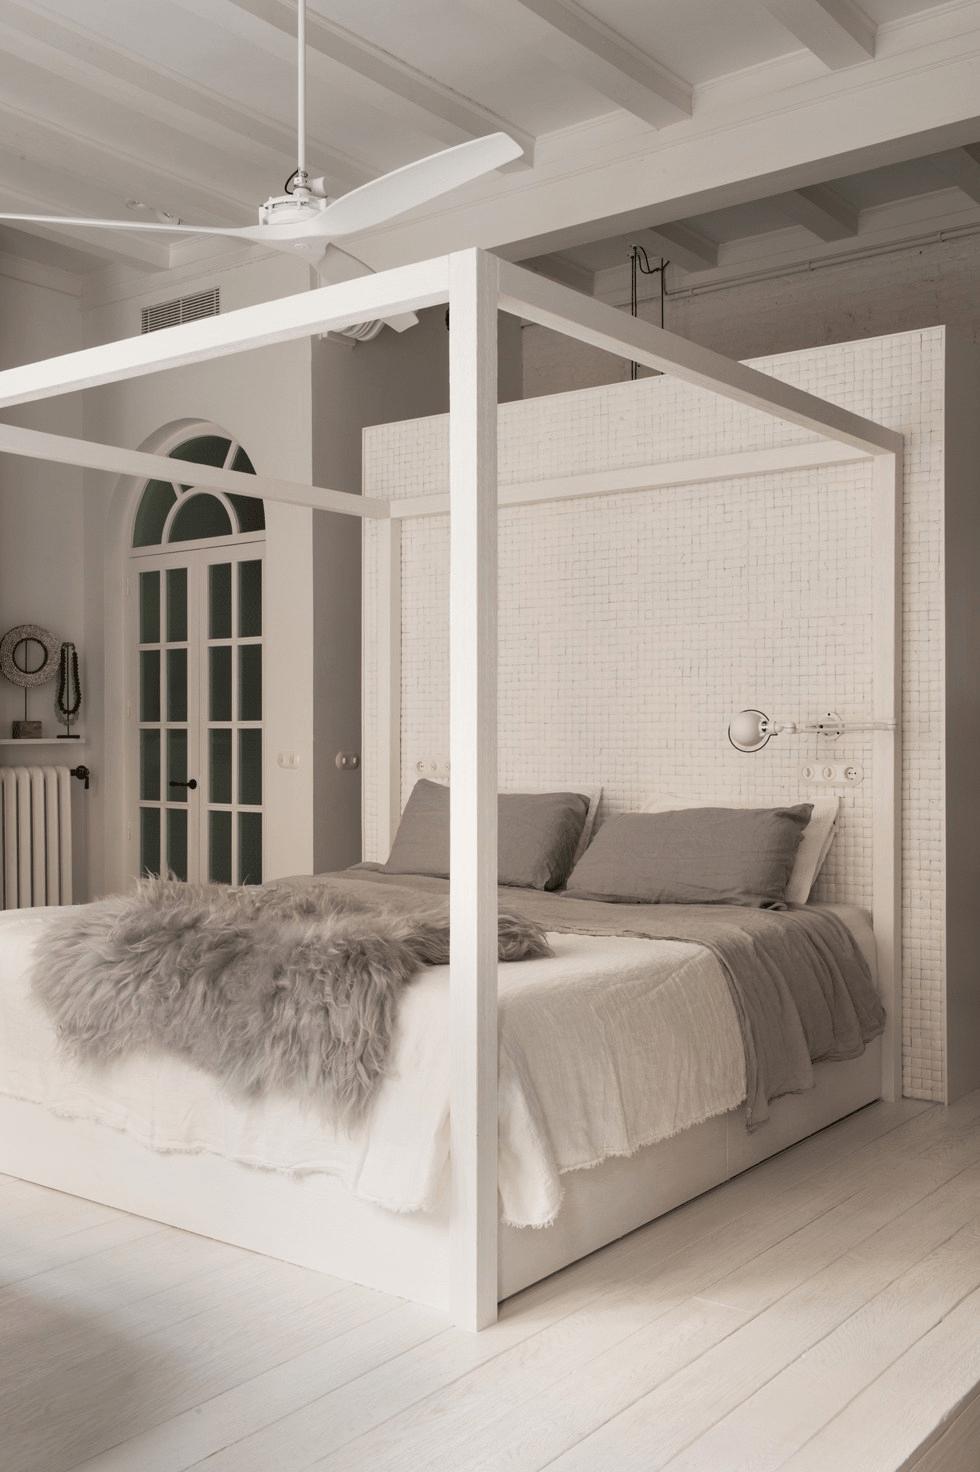 Las_claves_del_estilo_eco_chic_decoinspiración_decolook_espacio_dormitorio